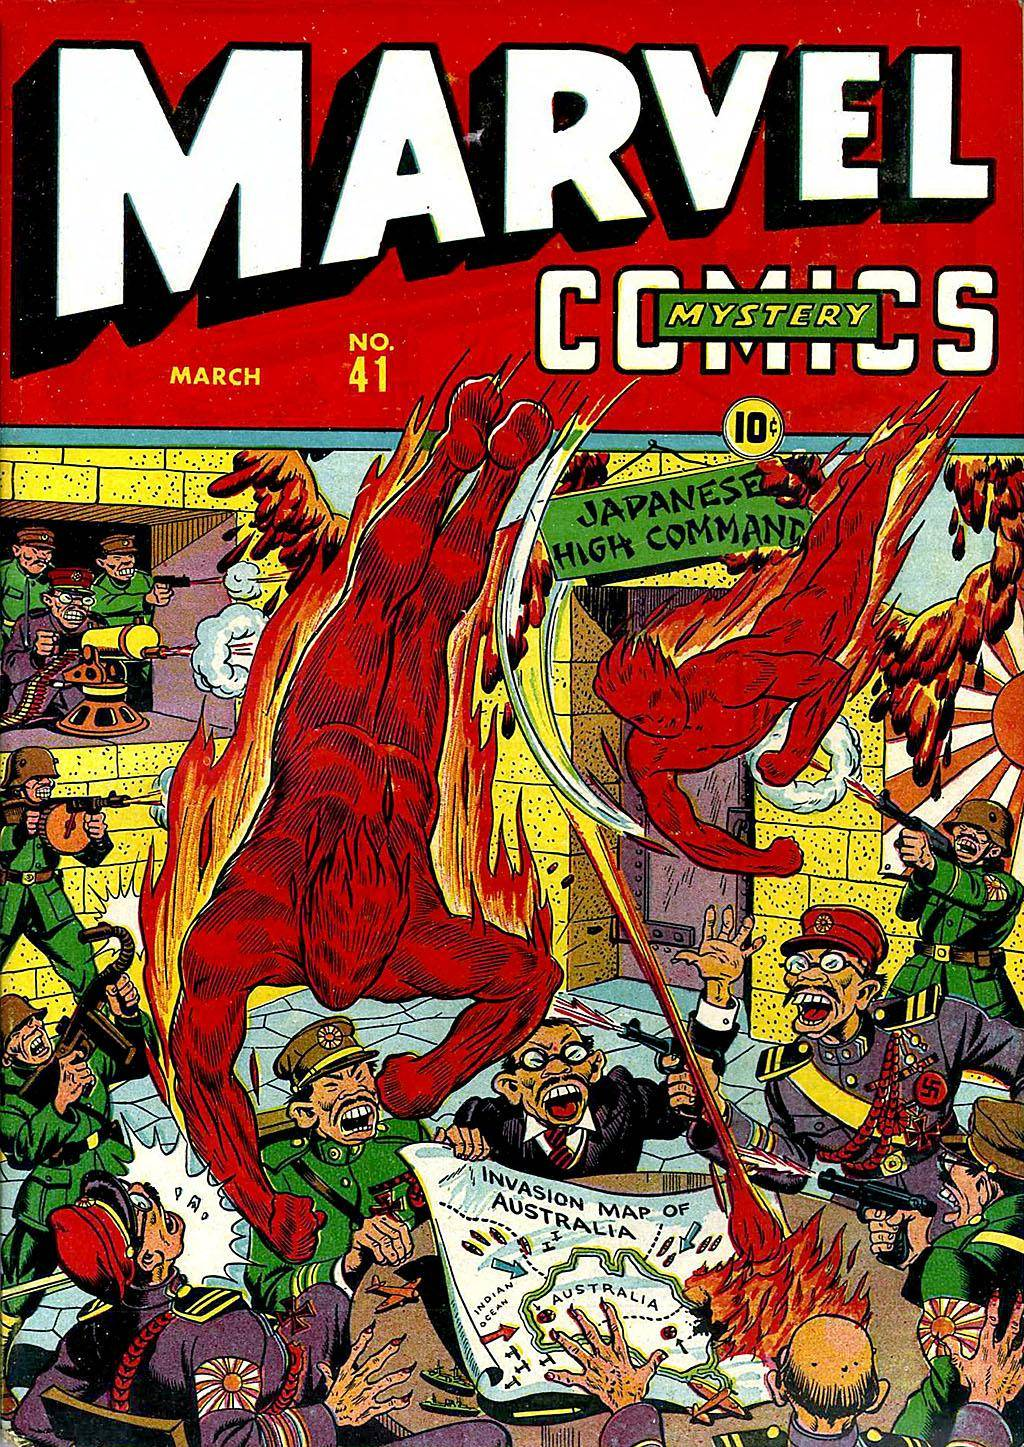 Marvel Mystery Comics v1 041 1943